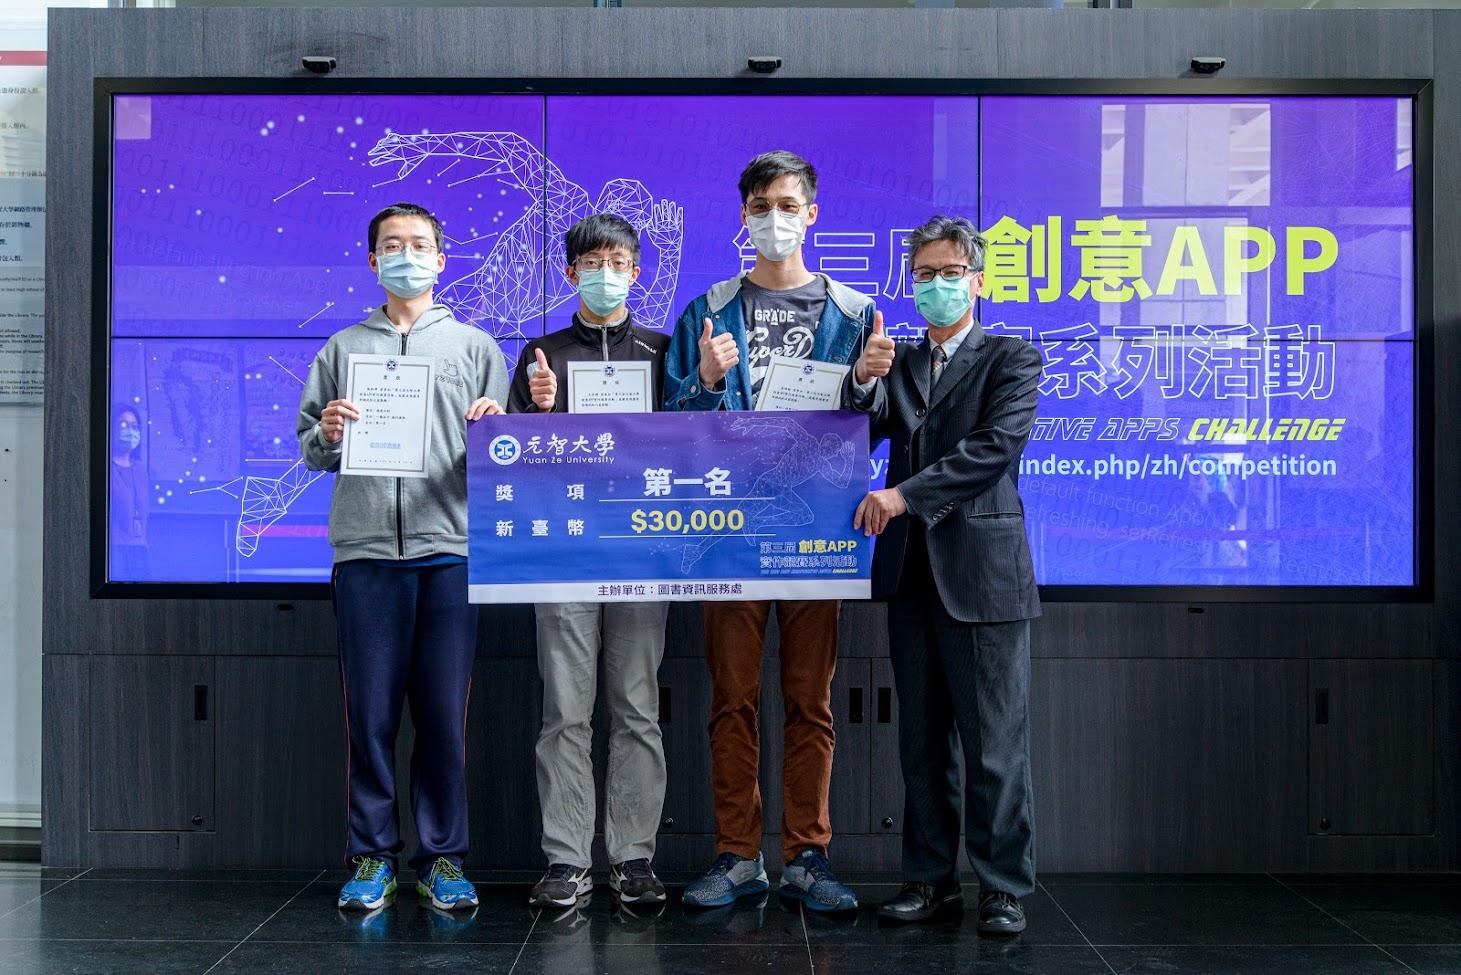 2020-04-22 第三屆元智大學創意APP實作競賽活動